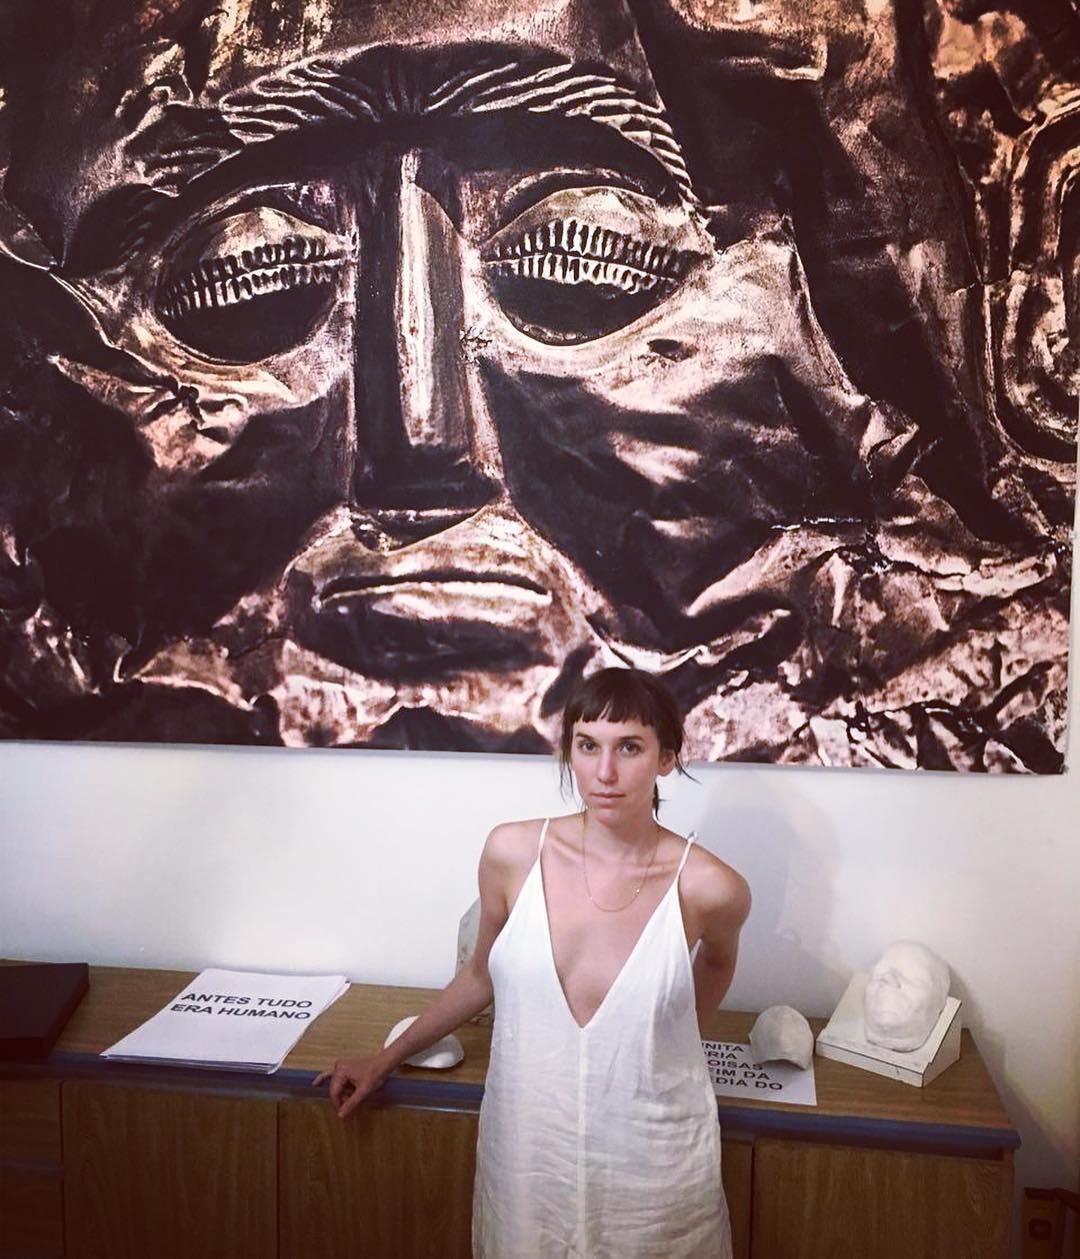 33ª Bienal de Arte de São Paulo (Foto: reprodução/Instagram)